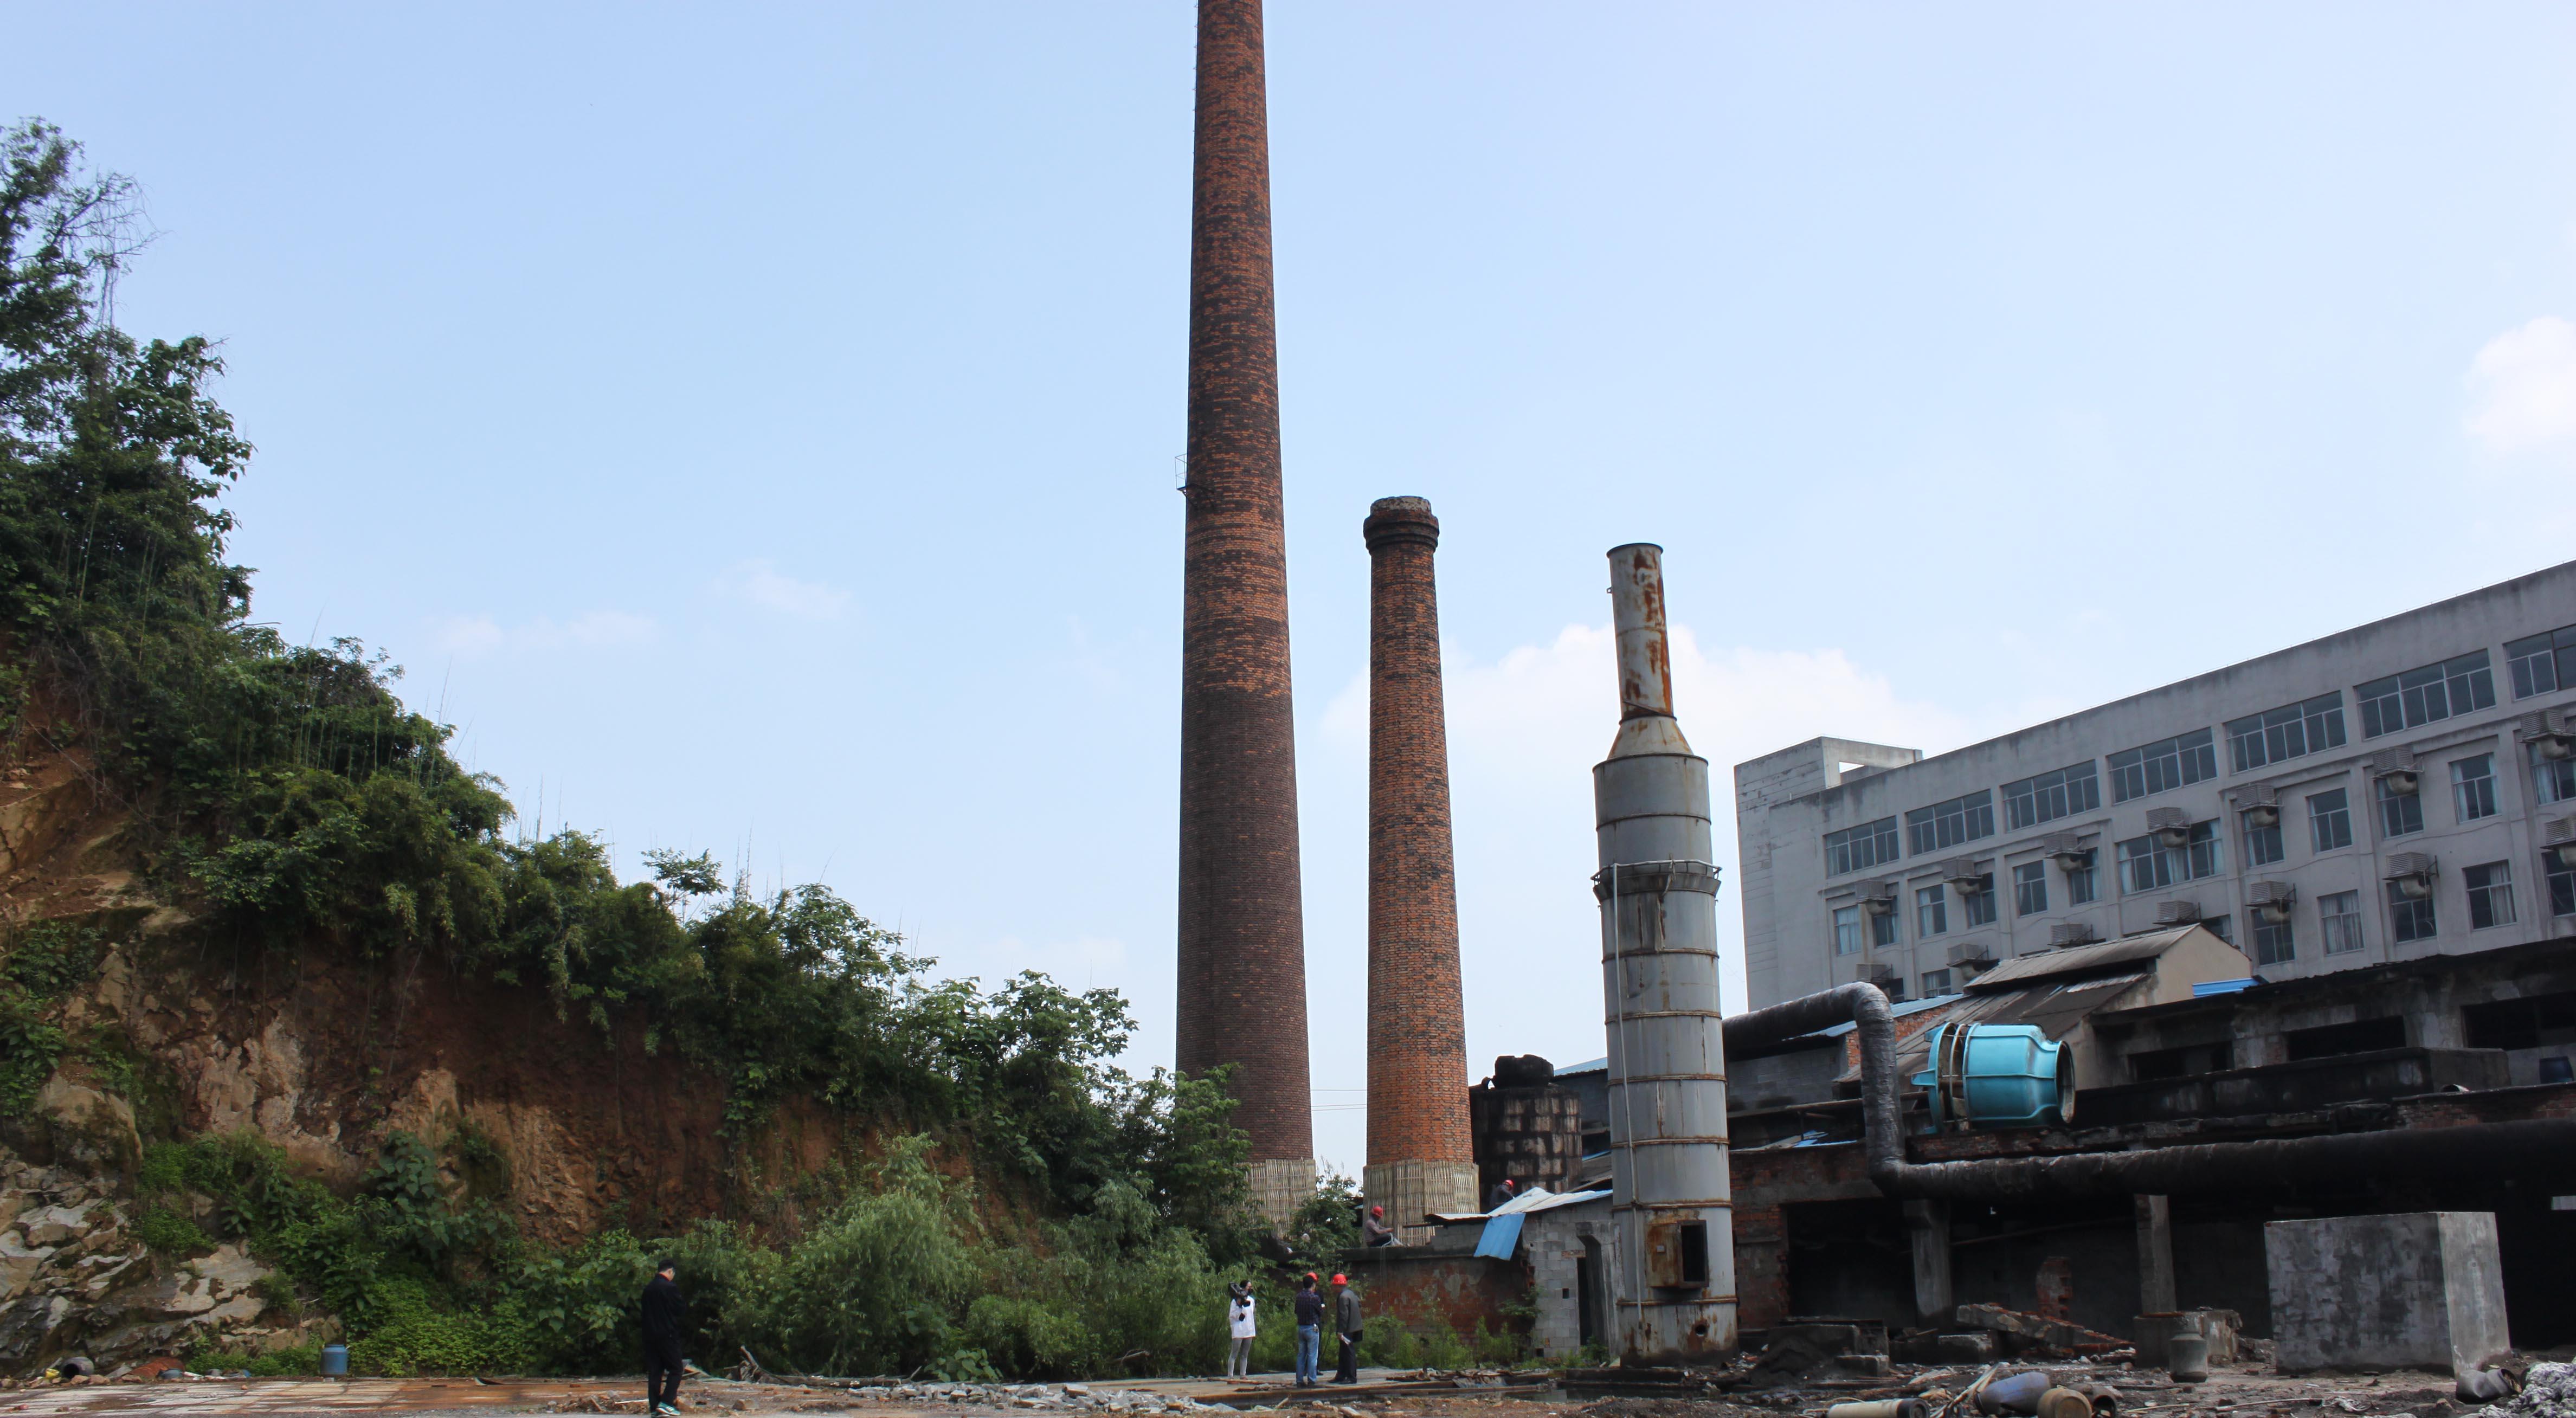 兰亭镇绍兴县育达纺染有限公司厂区内废弃烟囱拆除工程